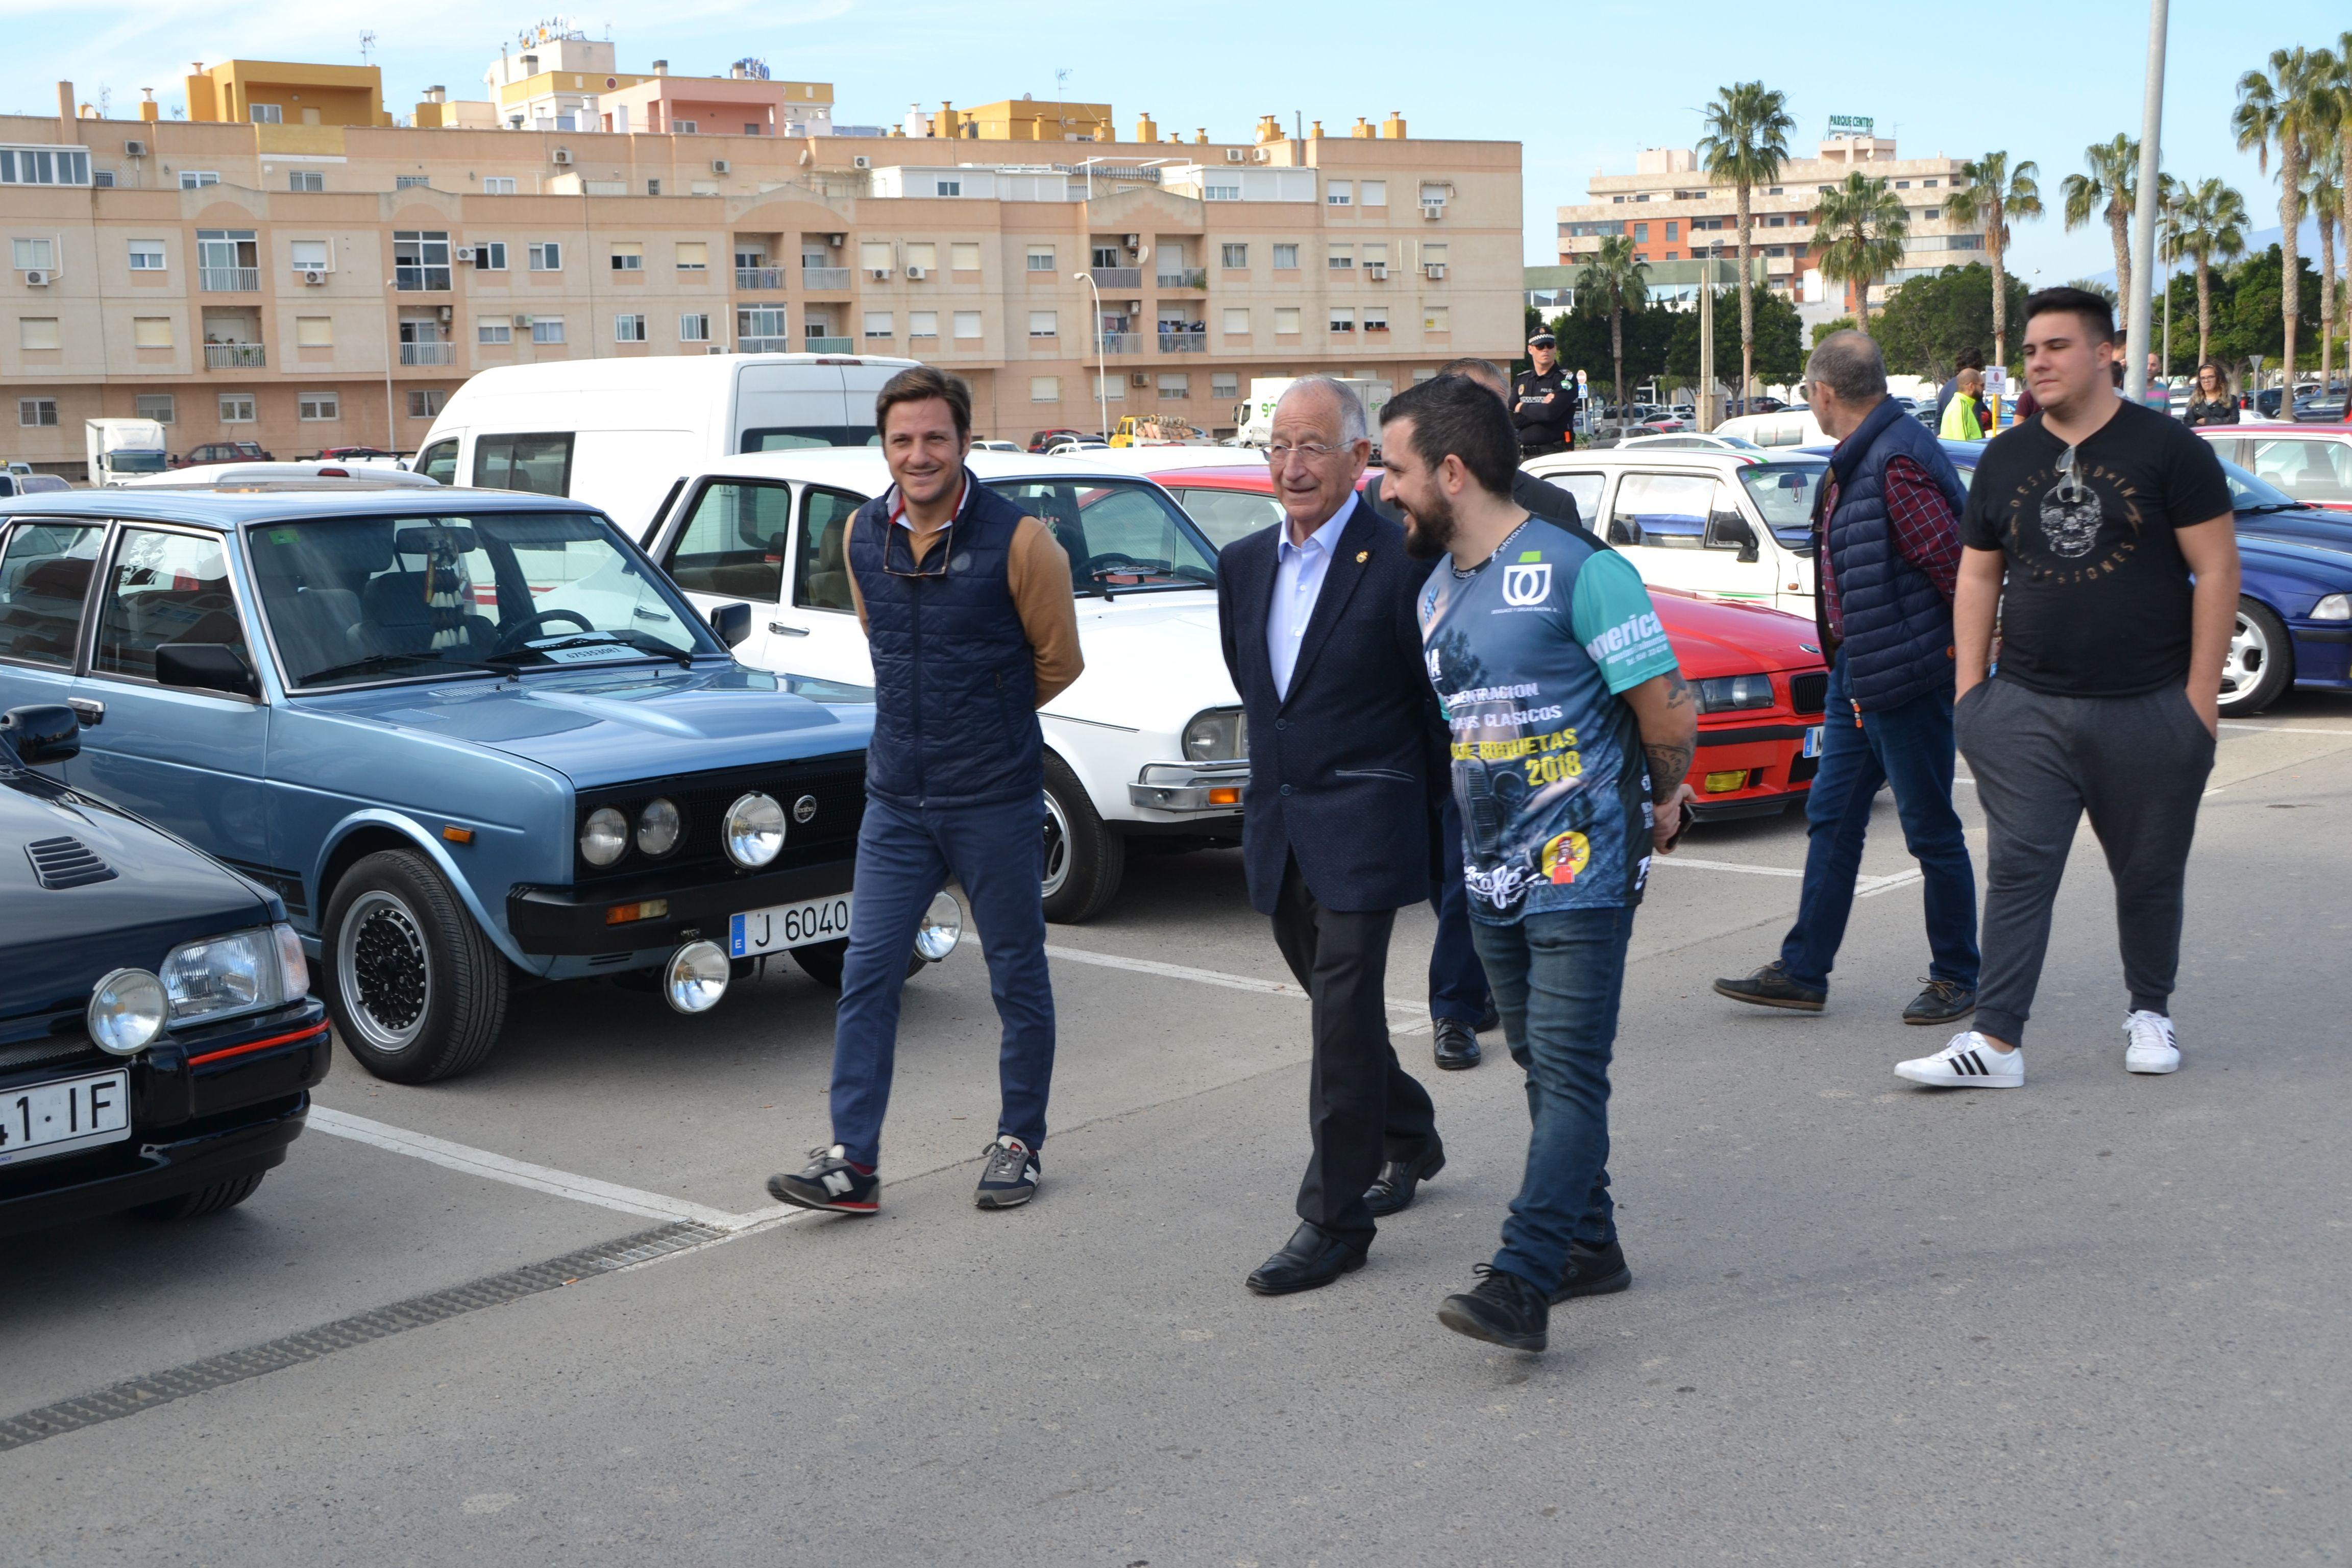 Más de 200 vehículos antiguos sitúan a Roquetas de Mar como referente entre los aficionados al motor